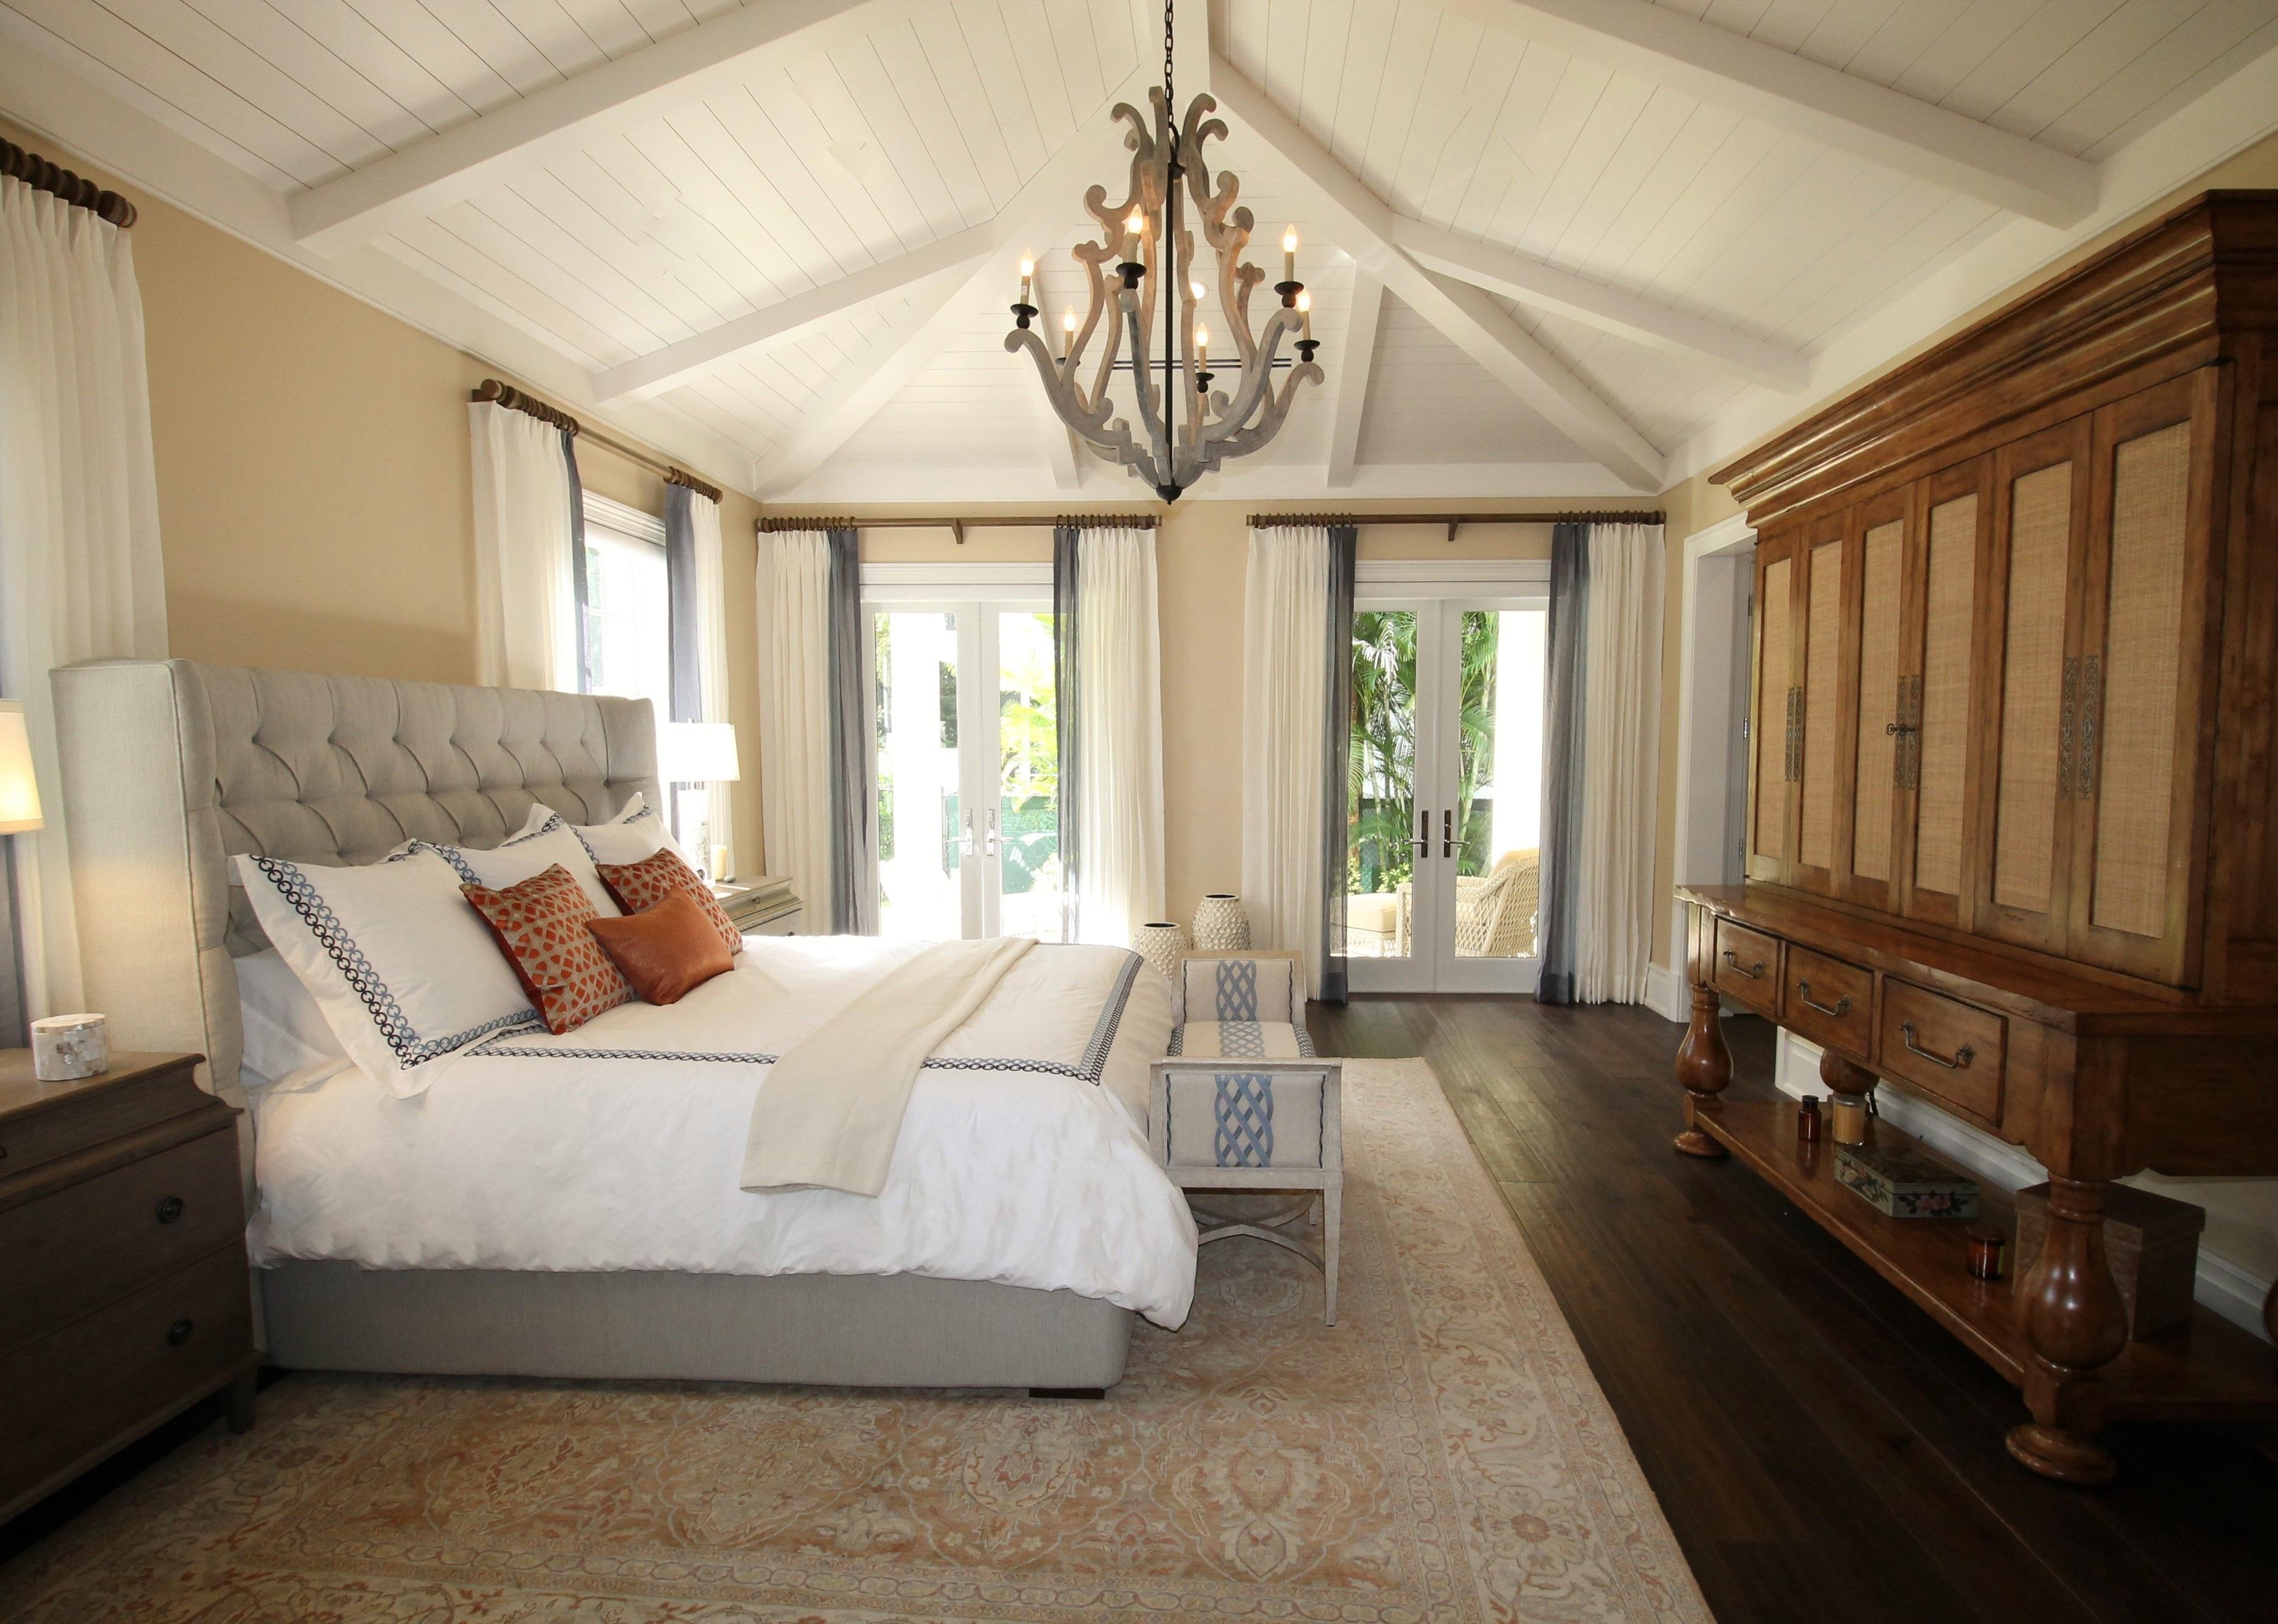 Premium Household Furniture Importer & Retailer